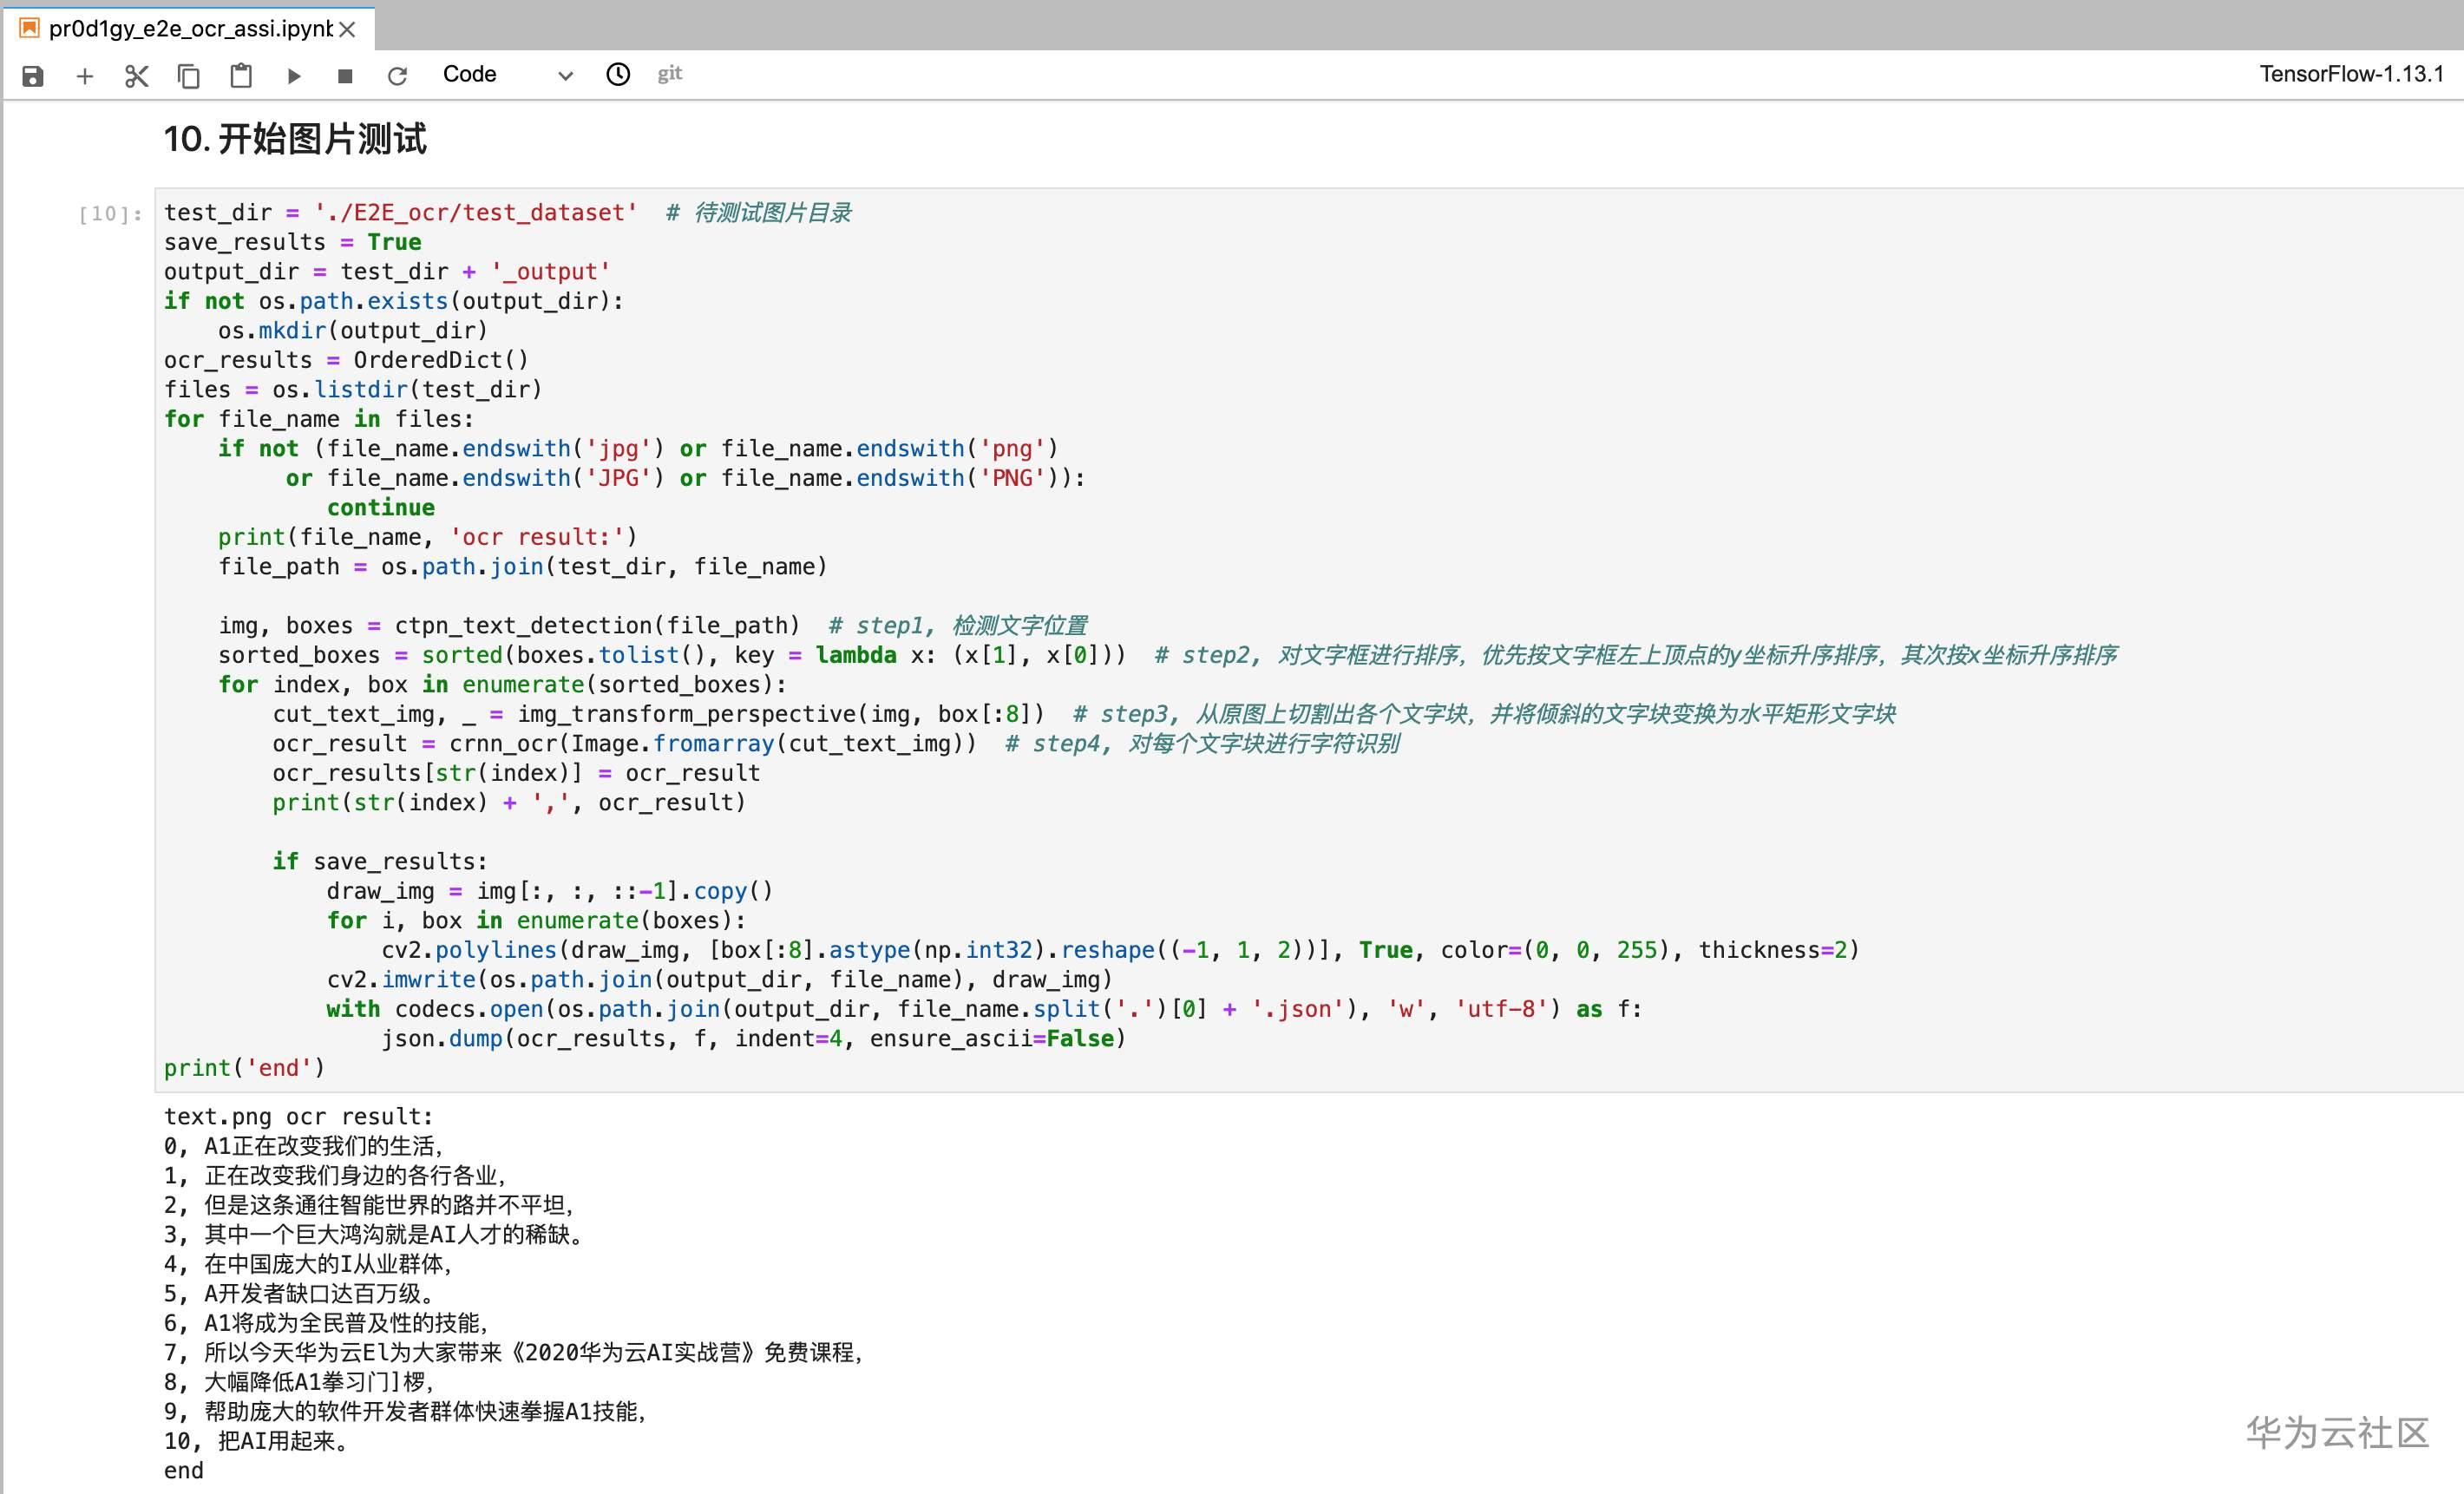 Screenshot 2020-07-13 at 10.48.37.png